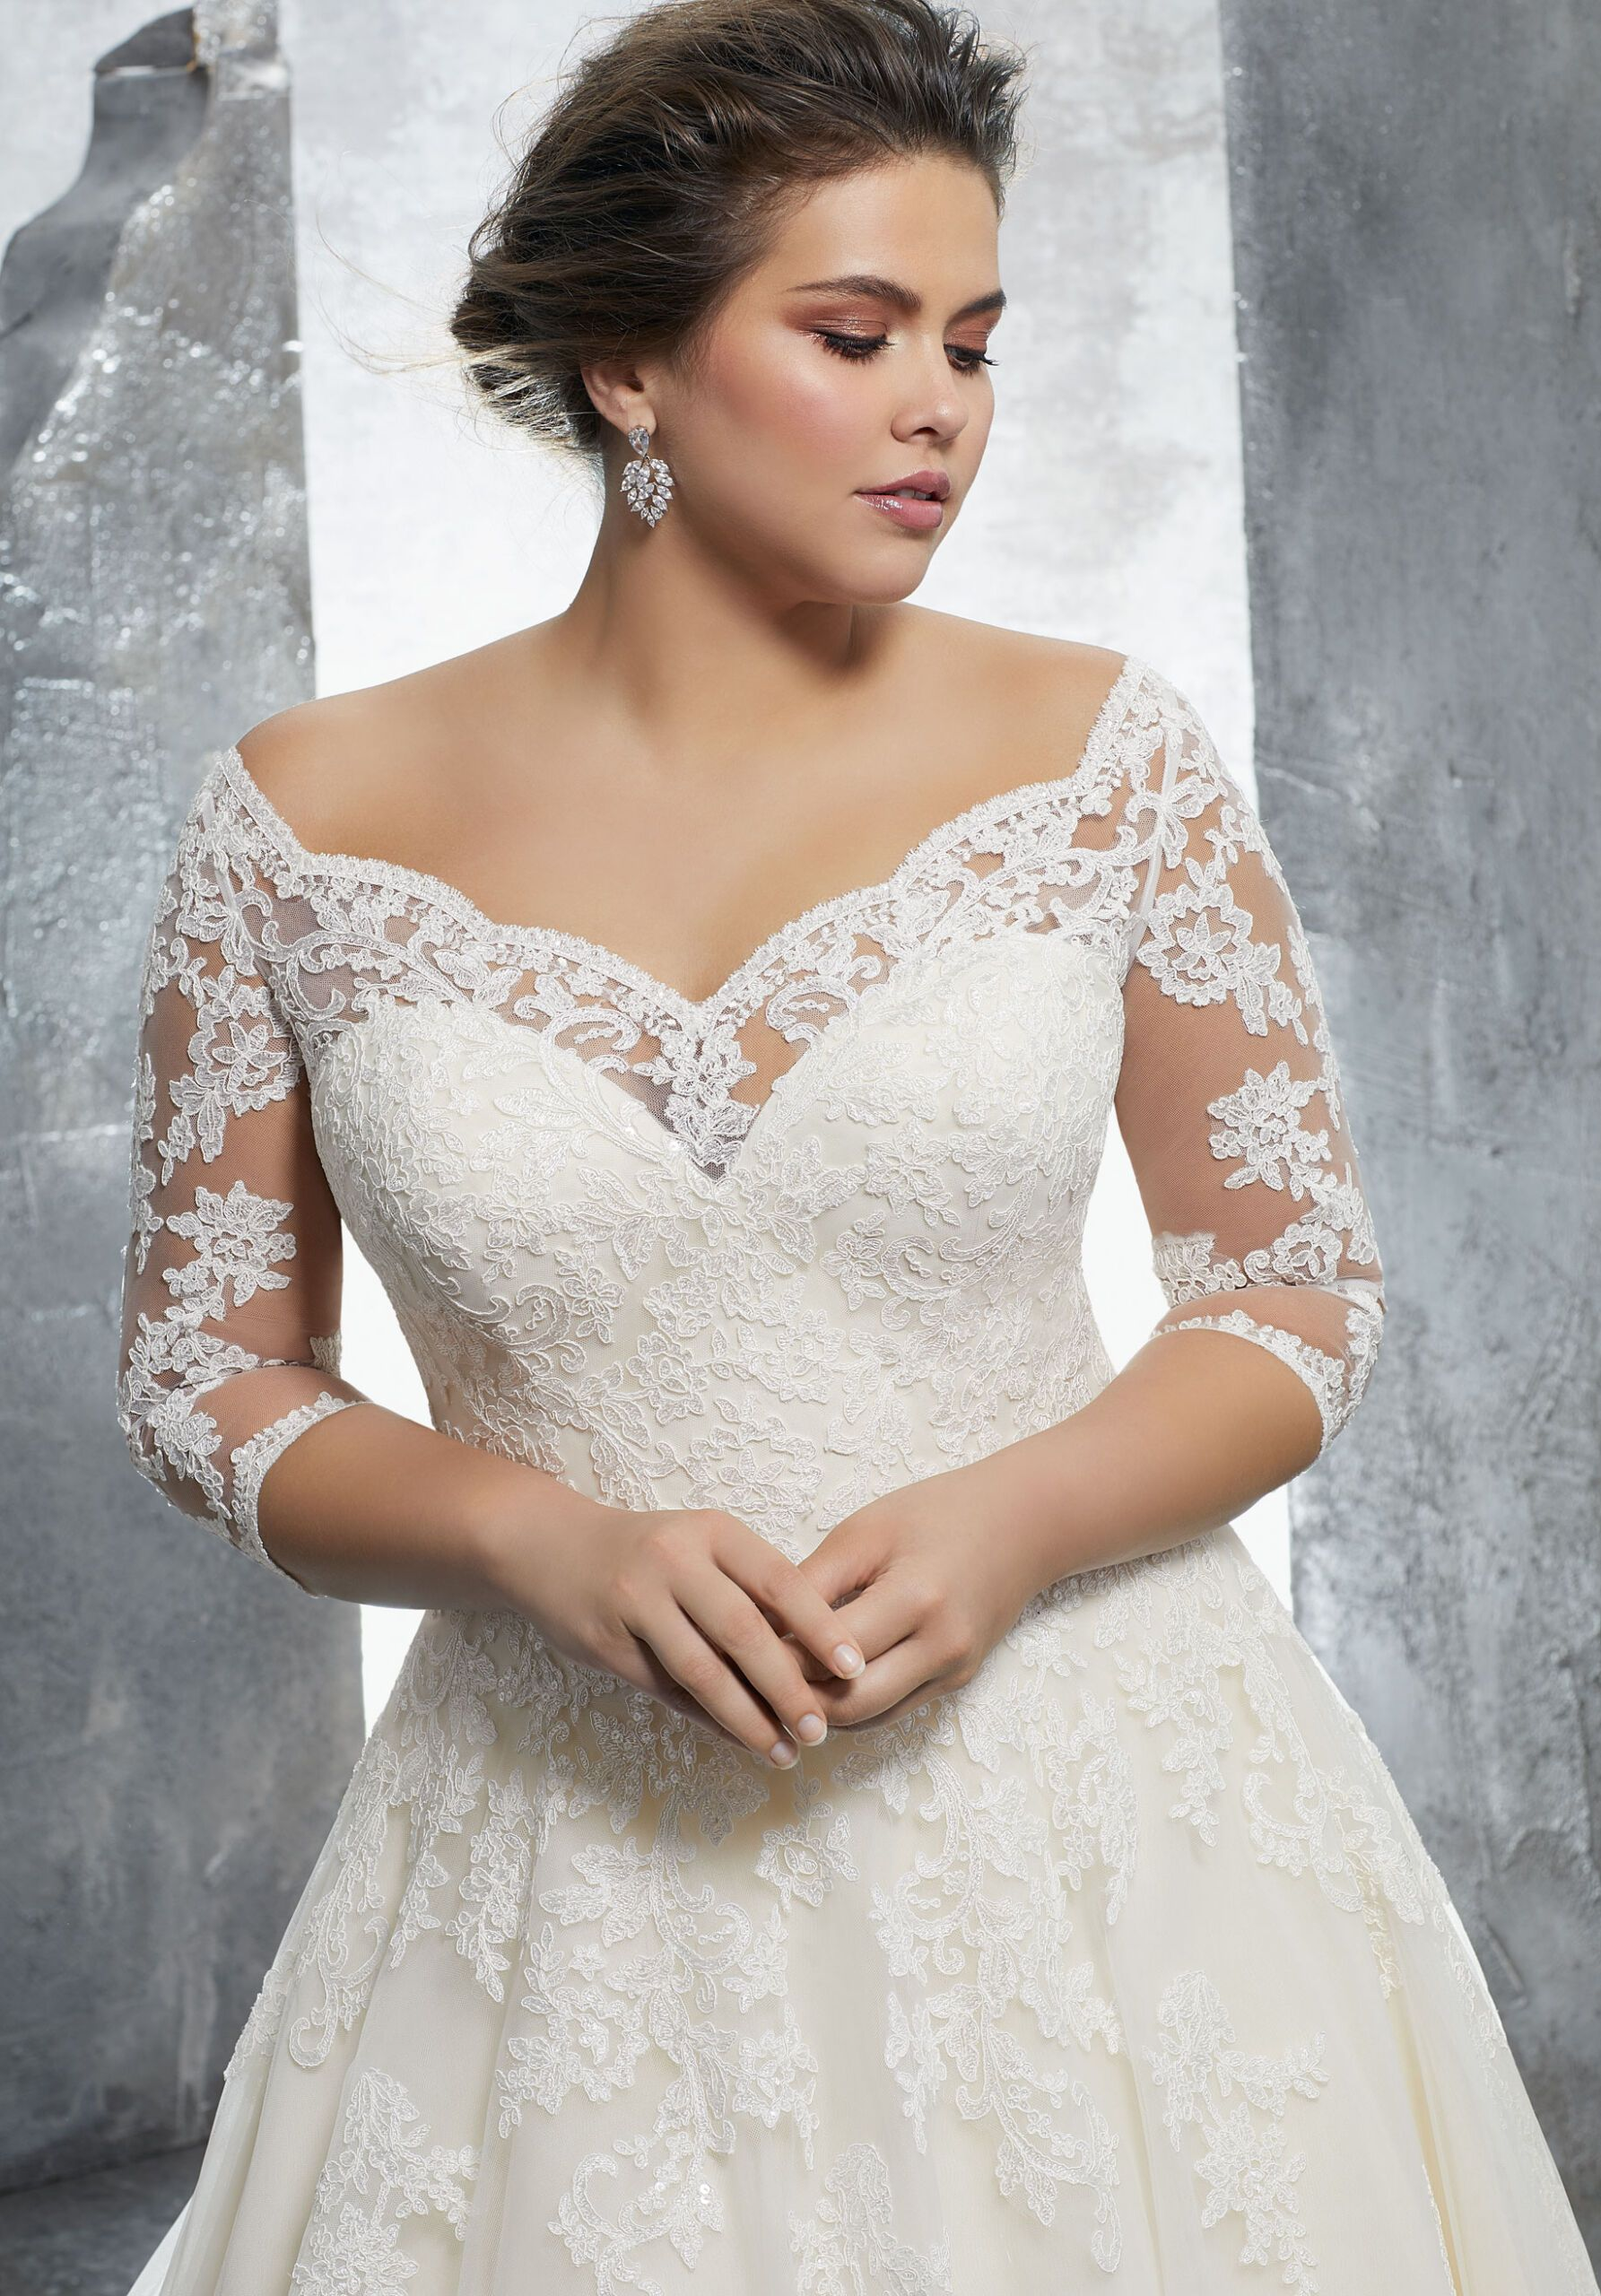 Kosette Plus Size Wedding Dress Morilee In 2020 Plus Wedding Dresses Ball Gowns Wedding Wedding Dress Long Sleeve [ 2560 x 1785 Pixel ]